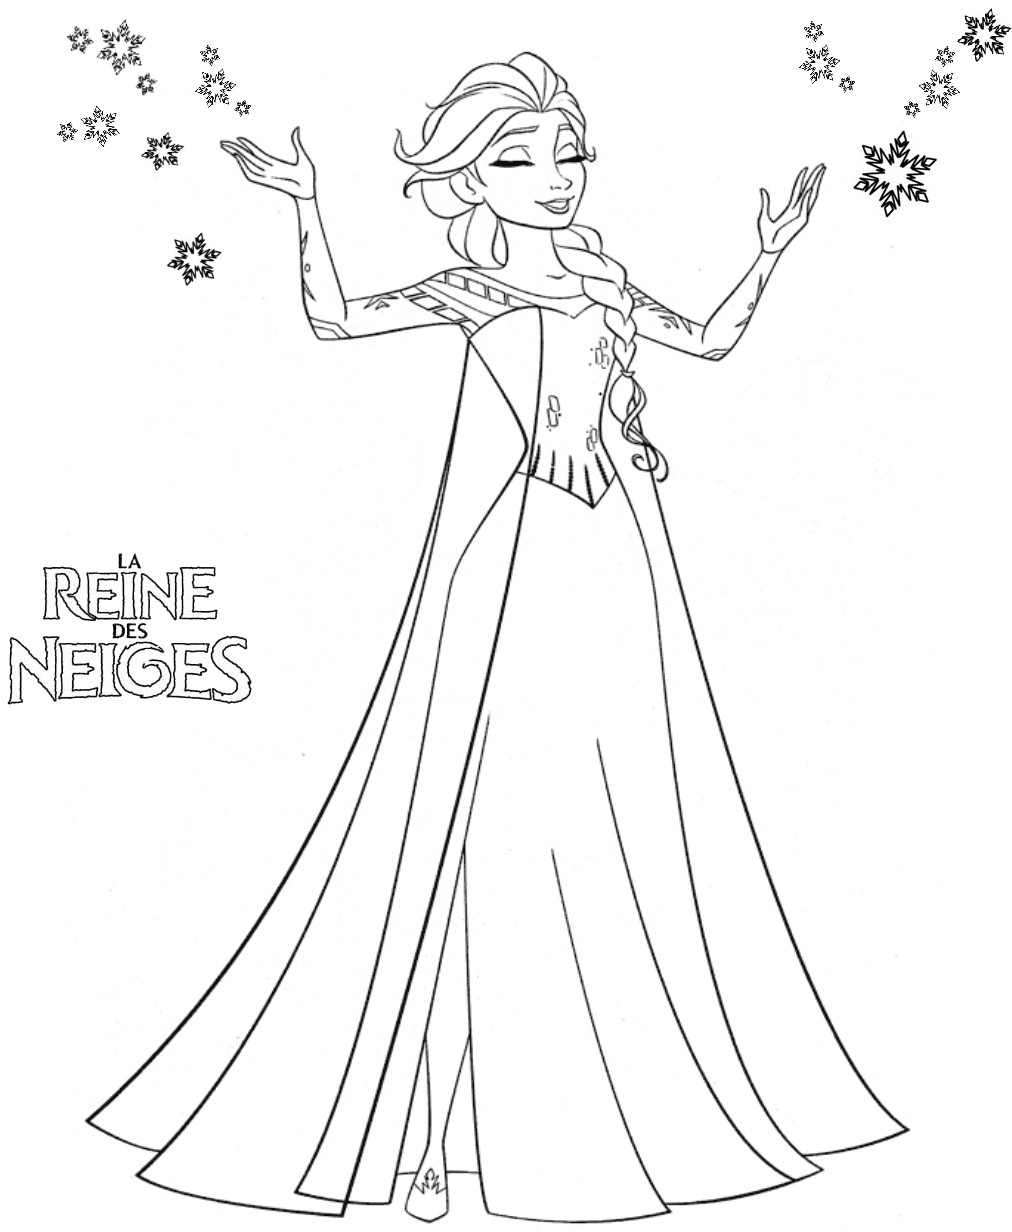 114 Dessins De Coloriage Reine Des Neiges À Imprimer serapportantà Reine Des Neiges Dessin À Colorier